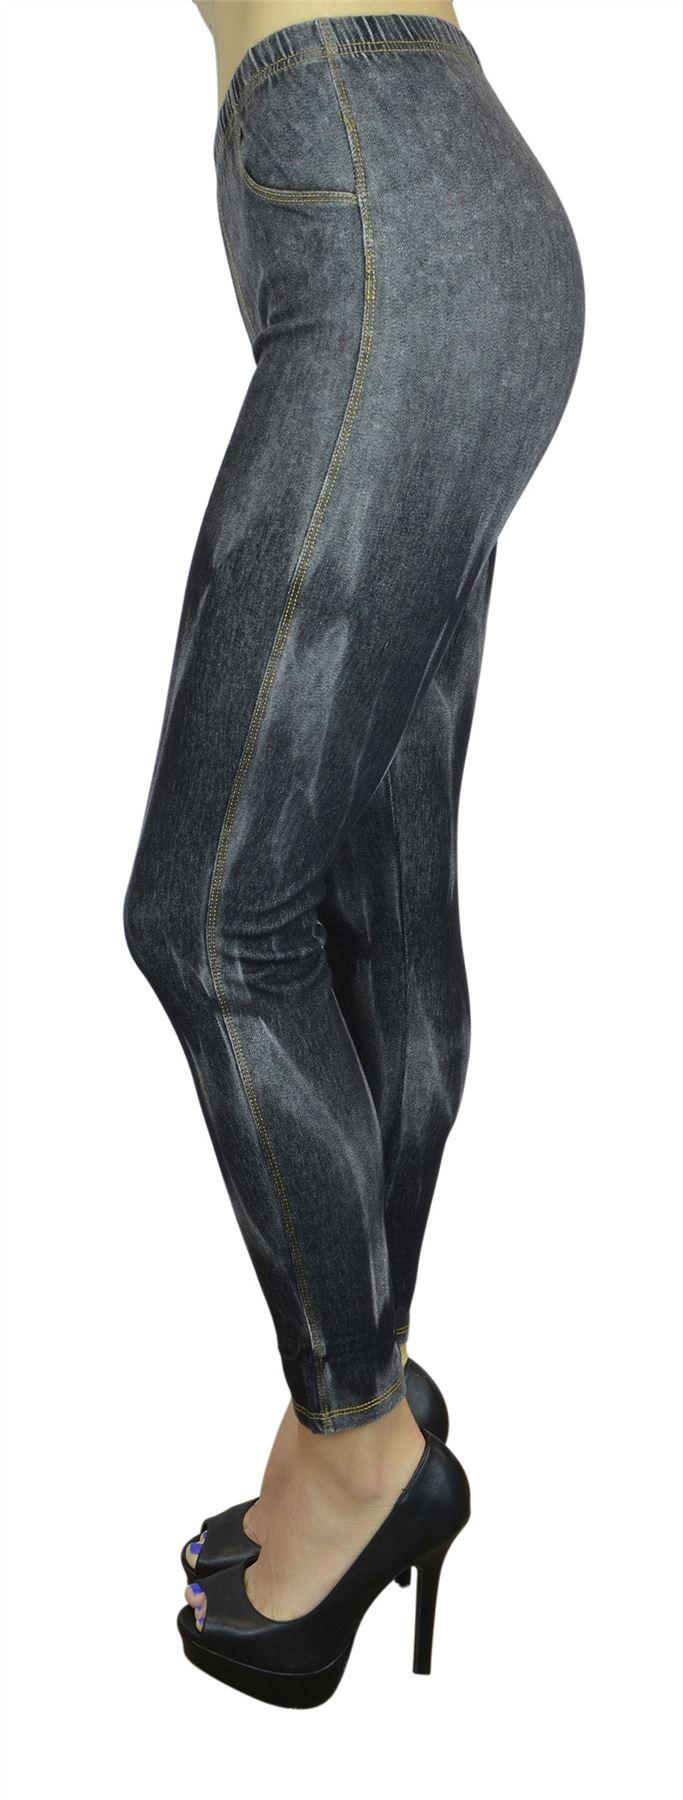 Belle Donne Women's Legging Jeggings Footless - Black